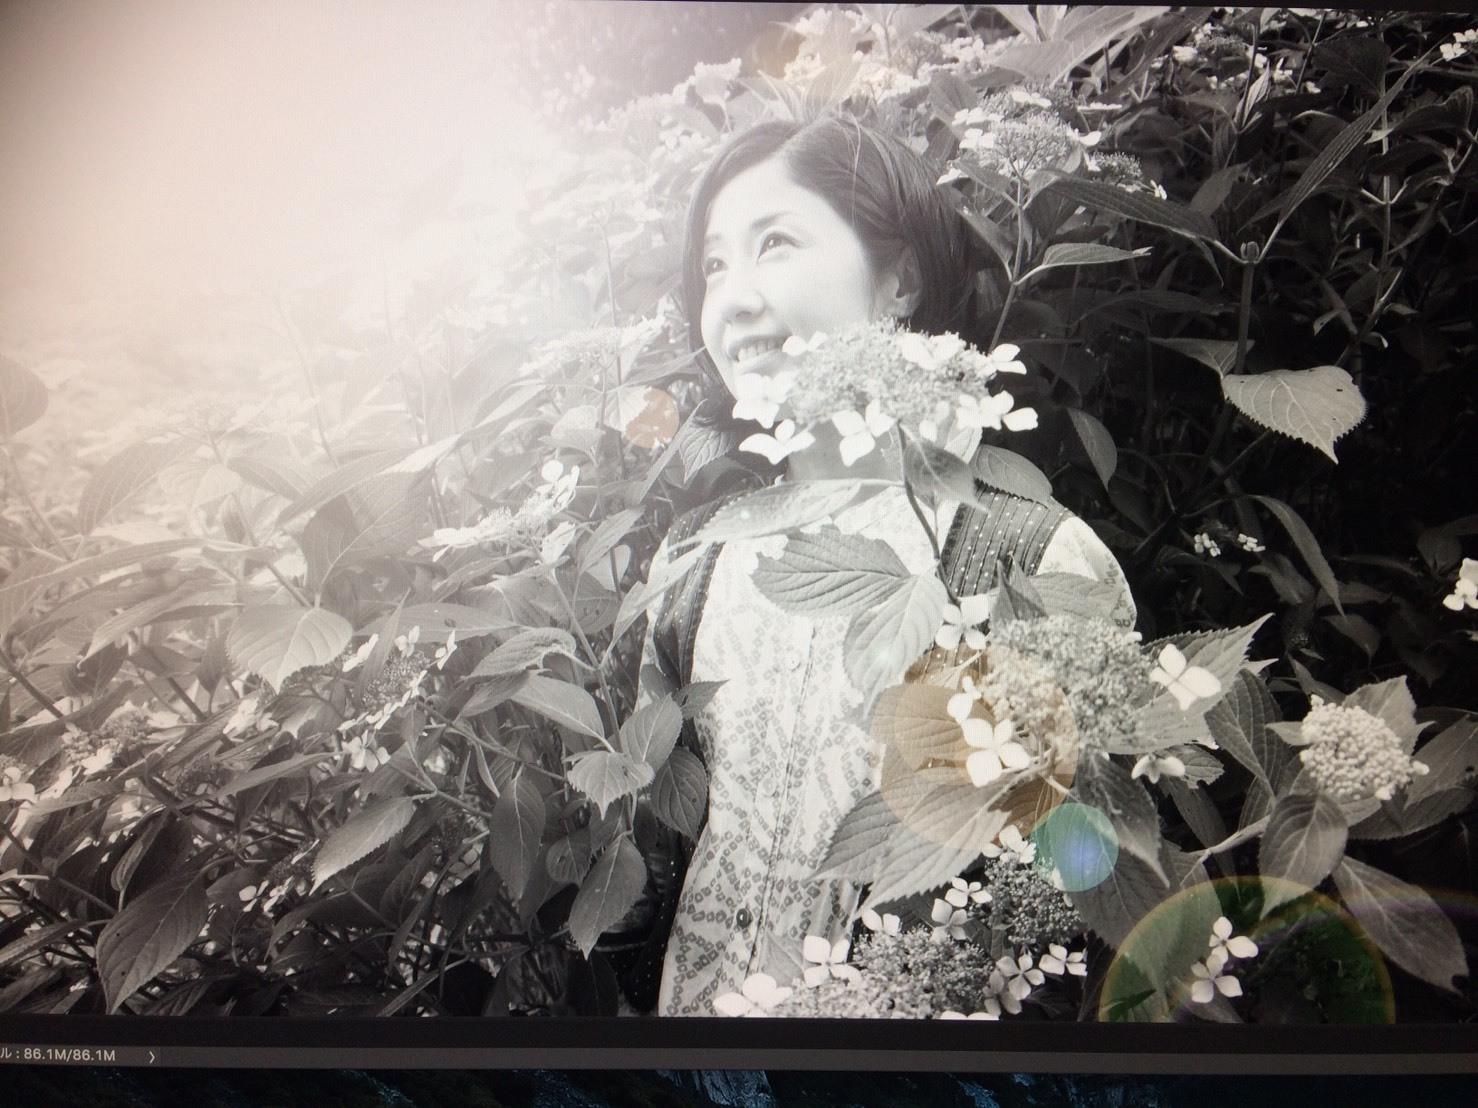 mikanちゃんに撮ってもらいました。_e0075673_15460858.jpg